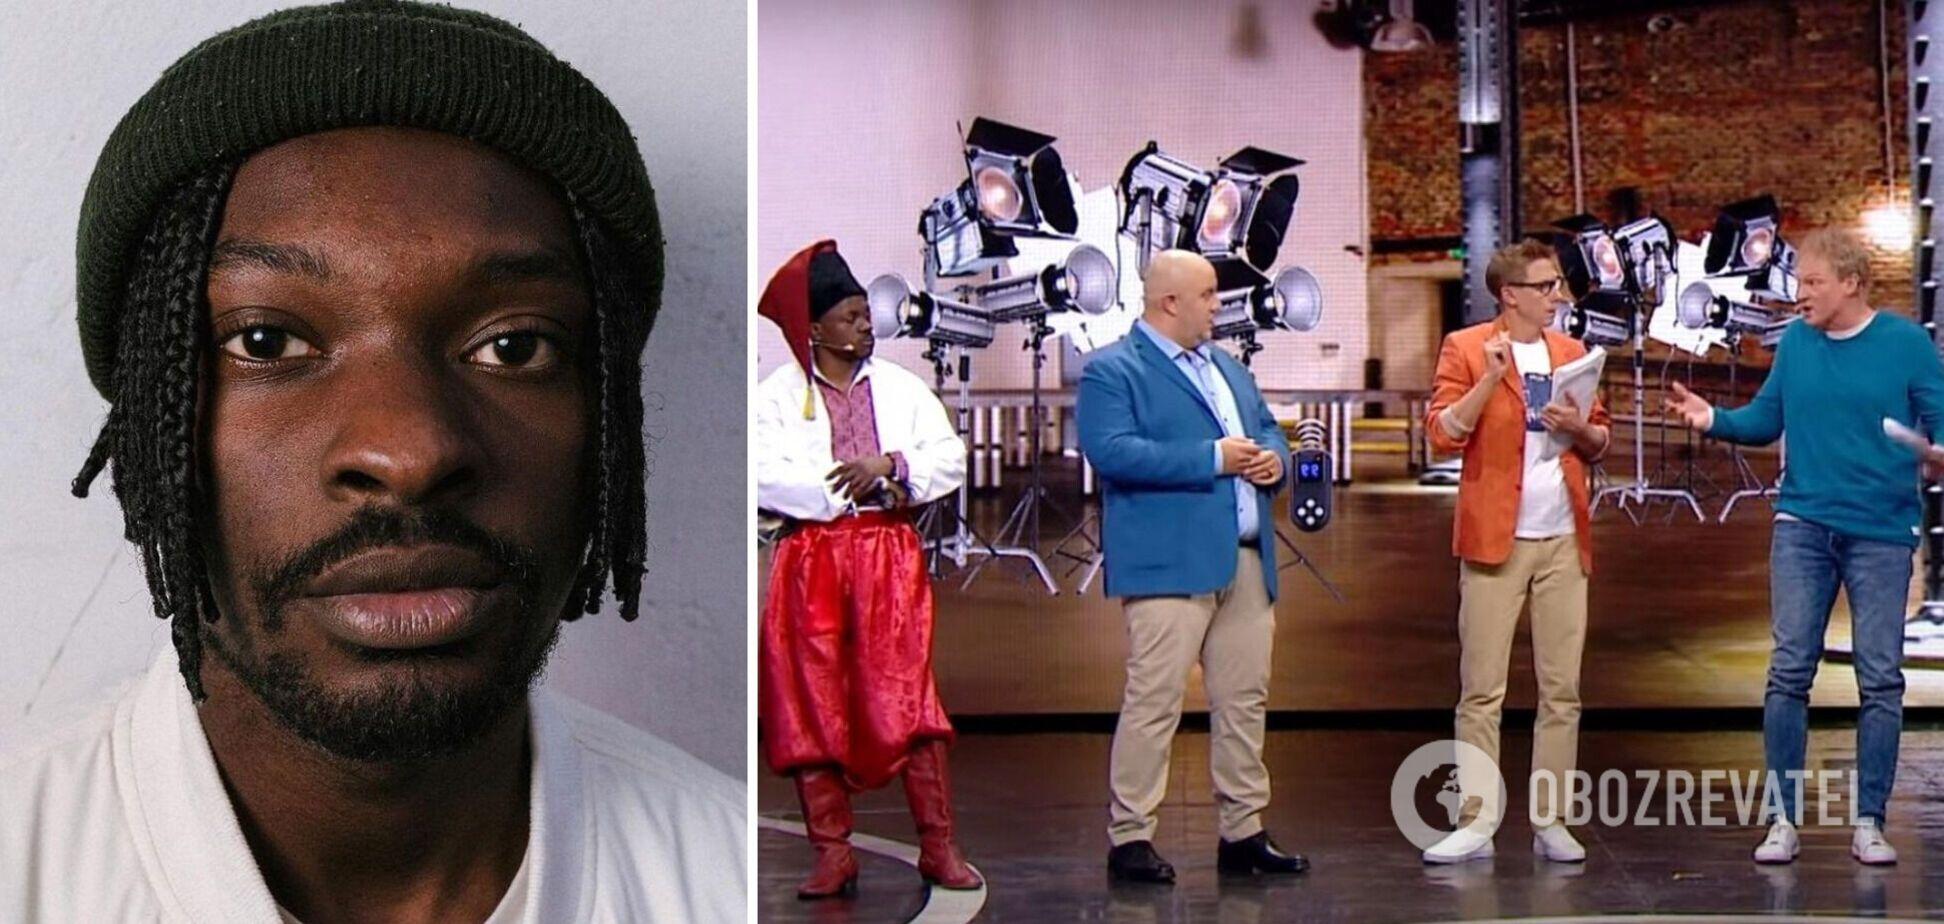 'Дизель шоу' відреагували на скандал із расизмом і гомофобією: нас обурило, що фея буде гендерно нейтральною